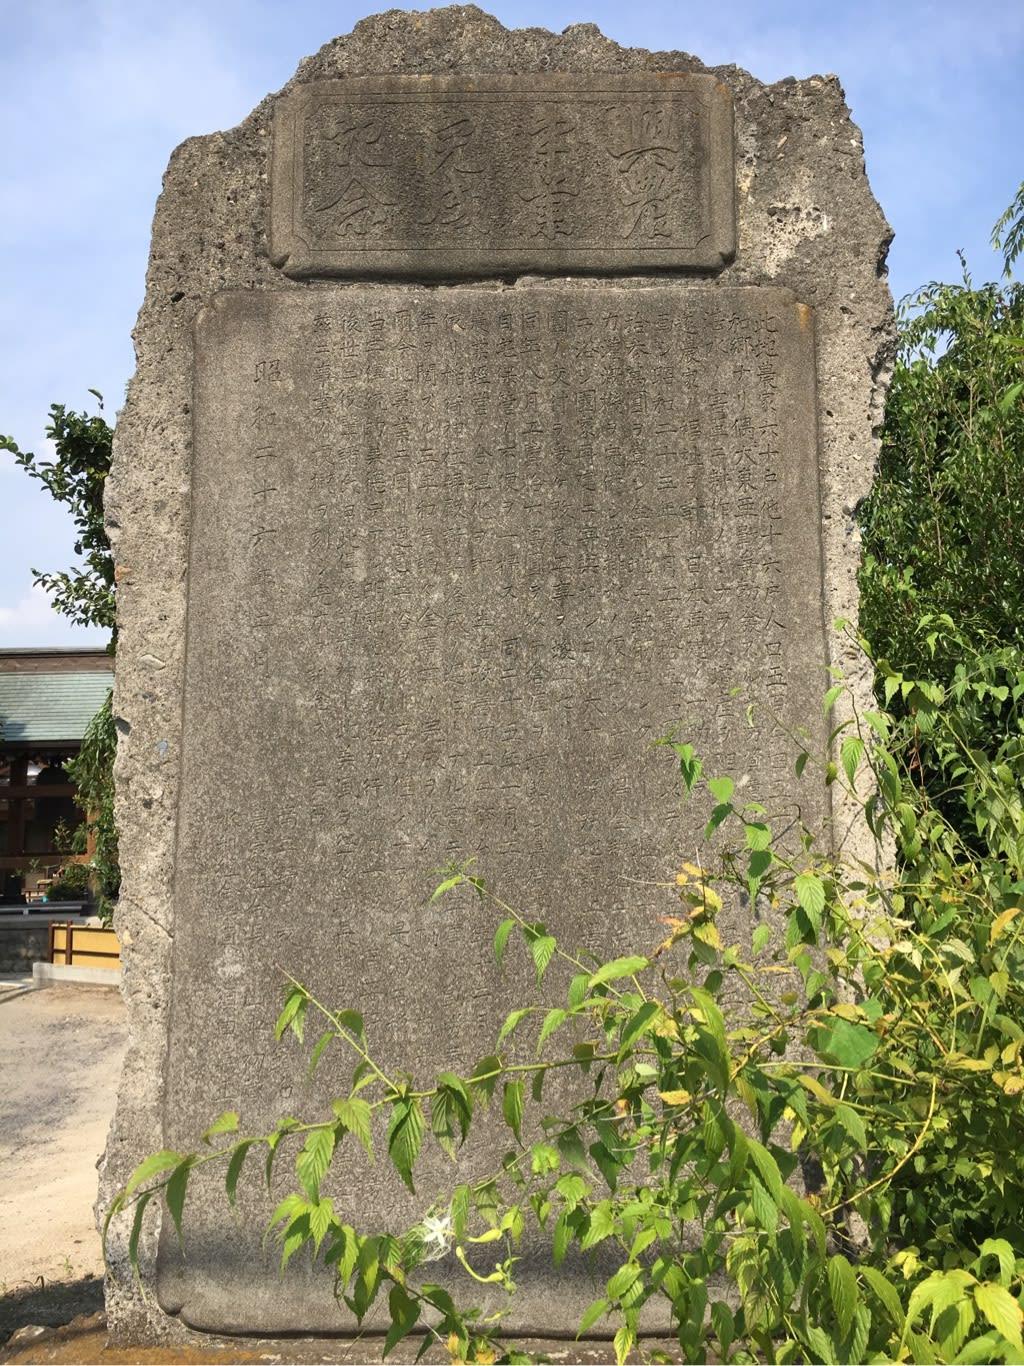 越谷陸軍飛行場跡 - 剥がされた滑走路の破片を探す - HBD in Liaodong ...